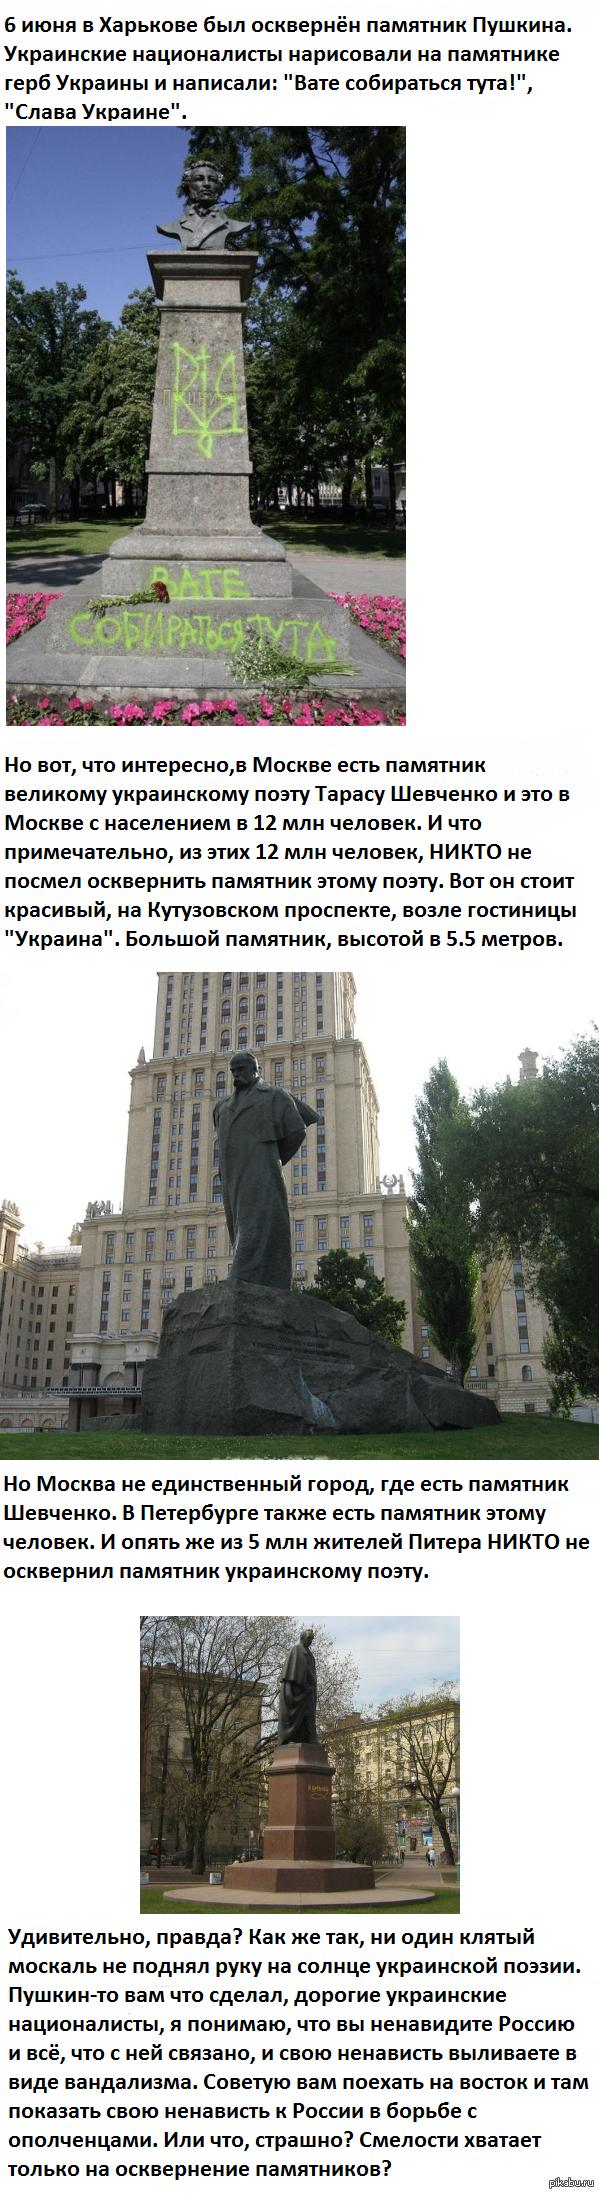 Про осквернение памятника в Украине